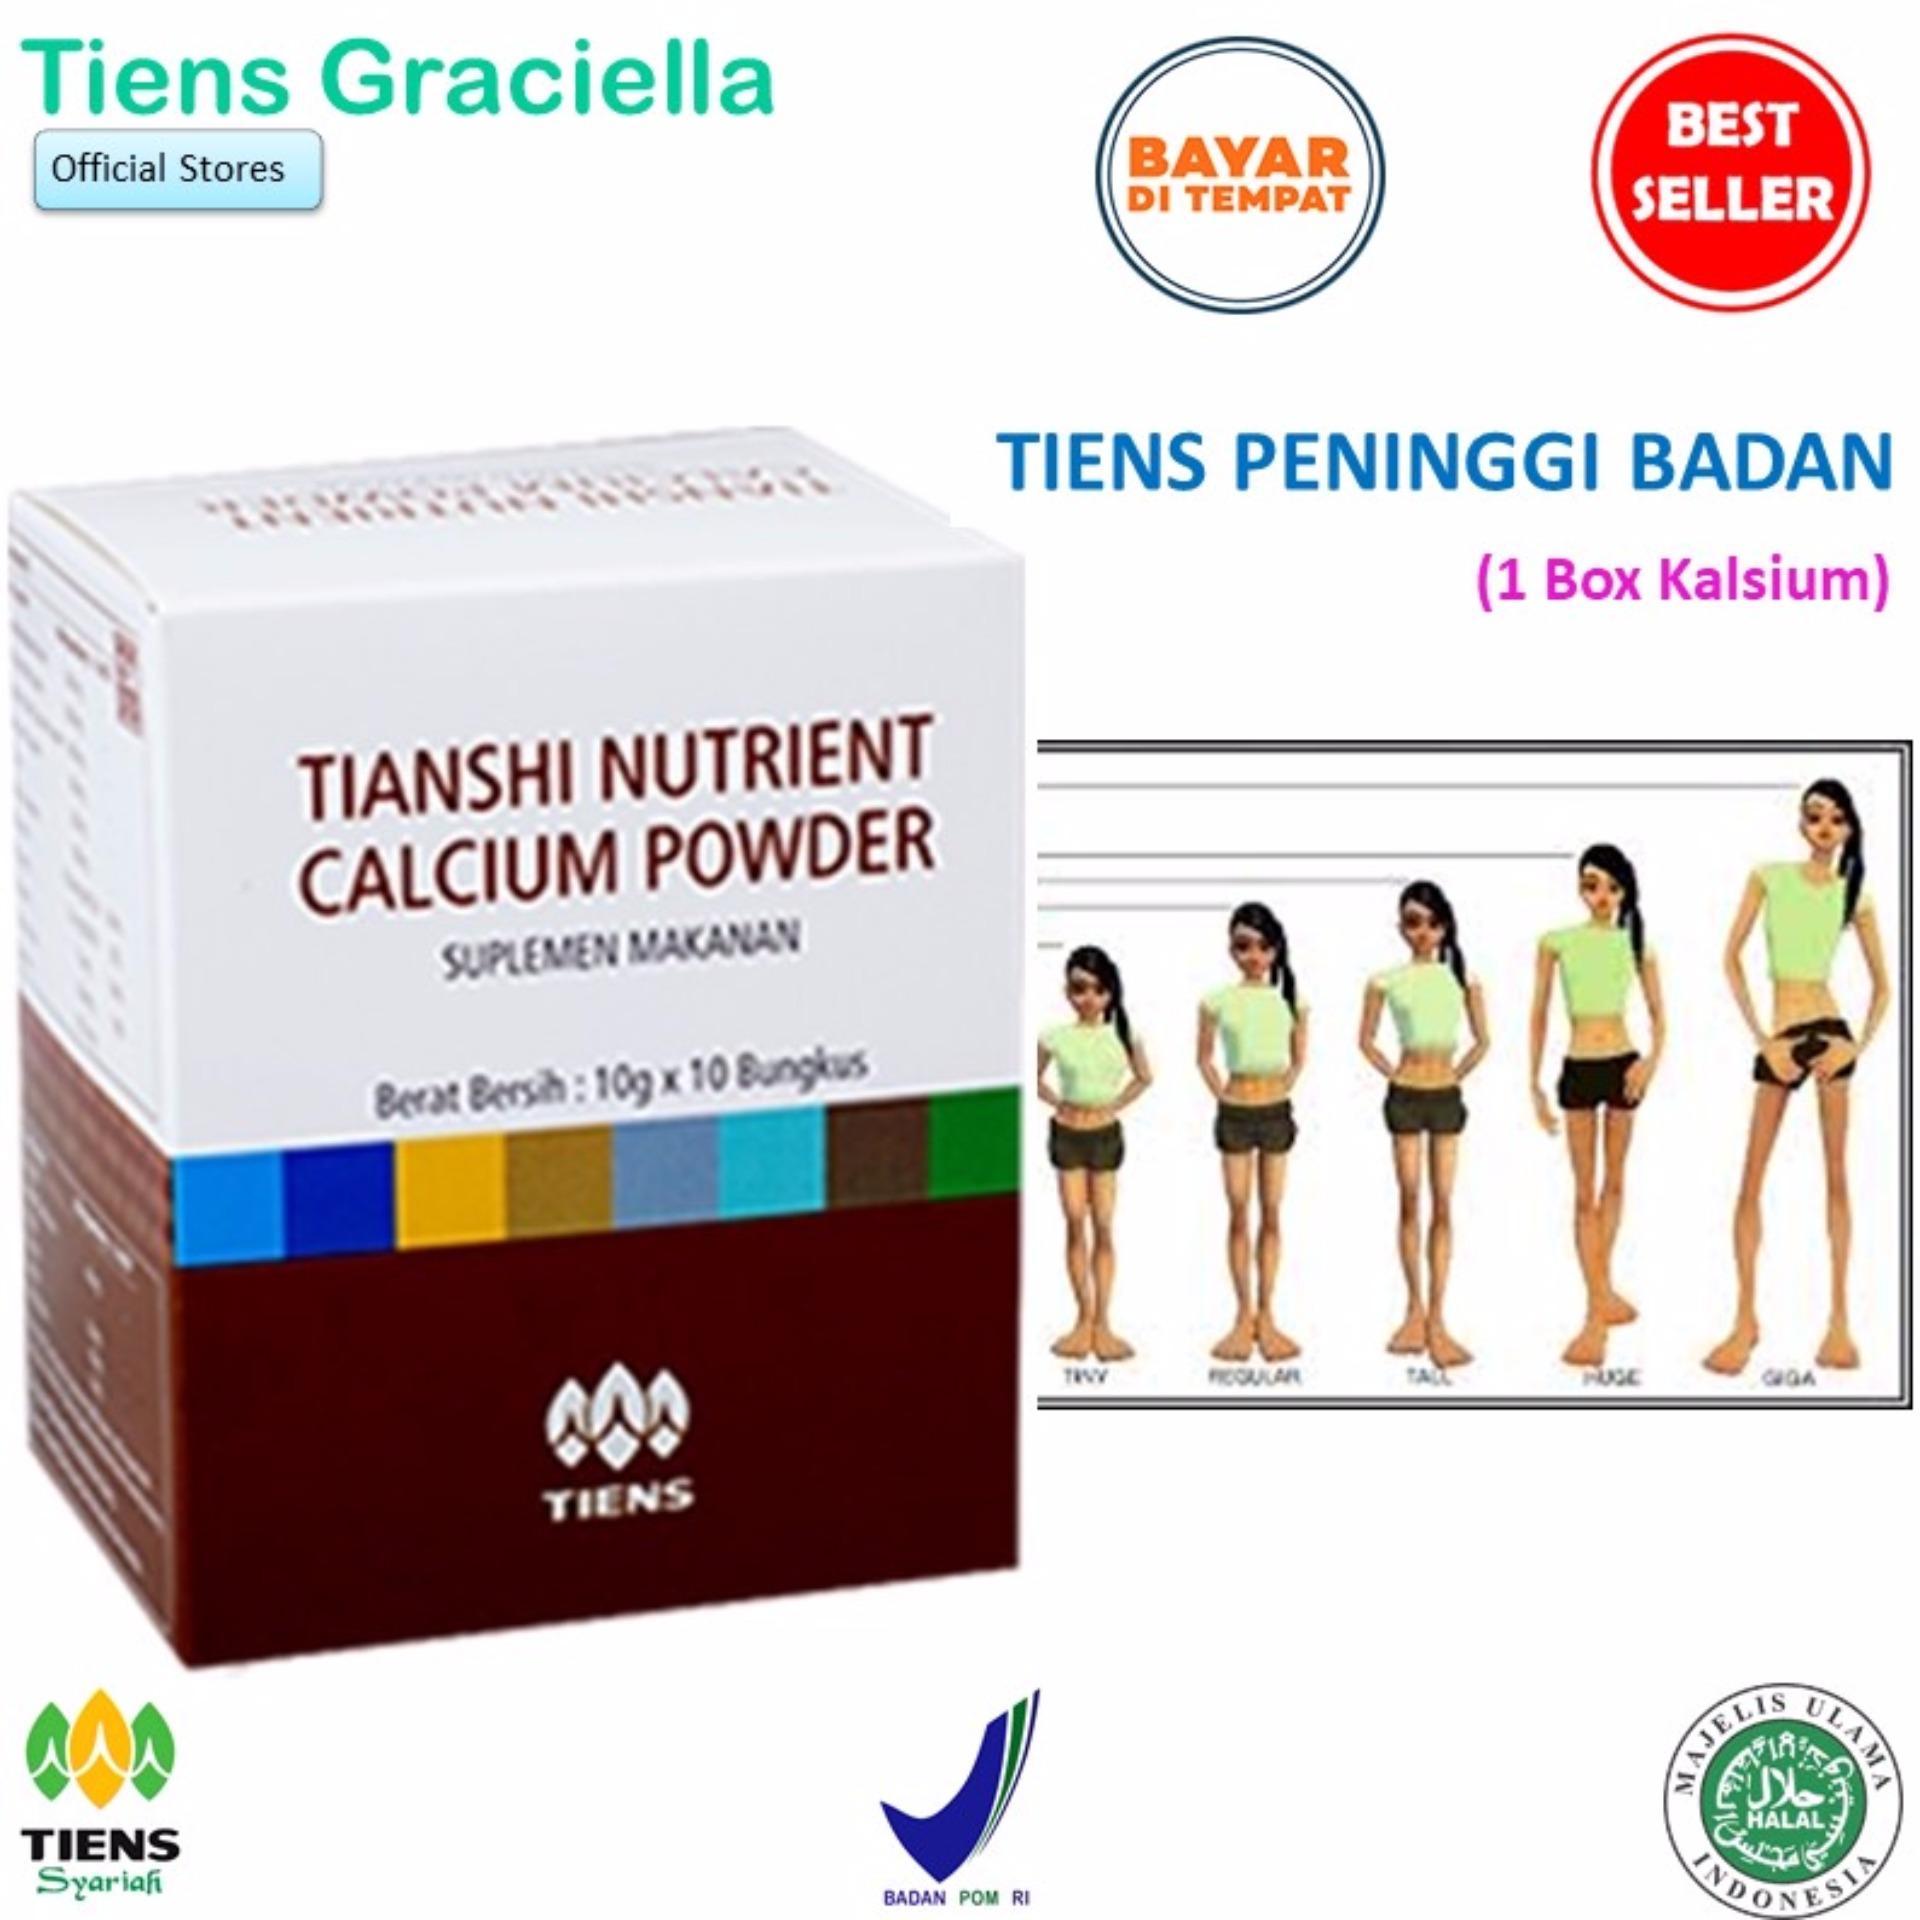 Harga Tiens Peninggi Badan Paket Promo Banting Harga 1 Kalsium Gratis Kartu Diskon Tiens Graciella Di Indonesia